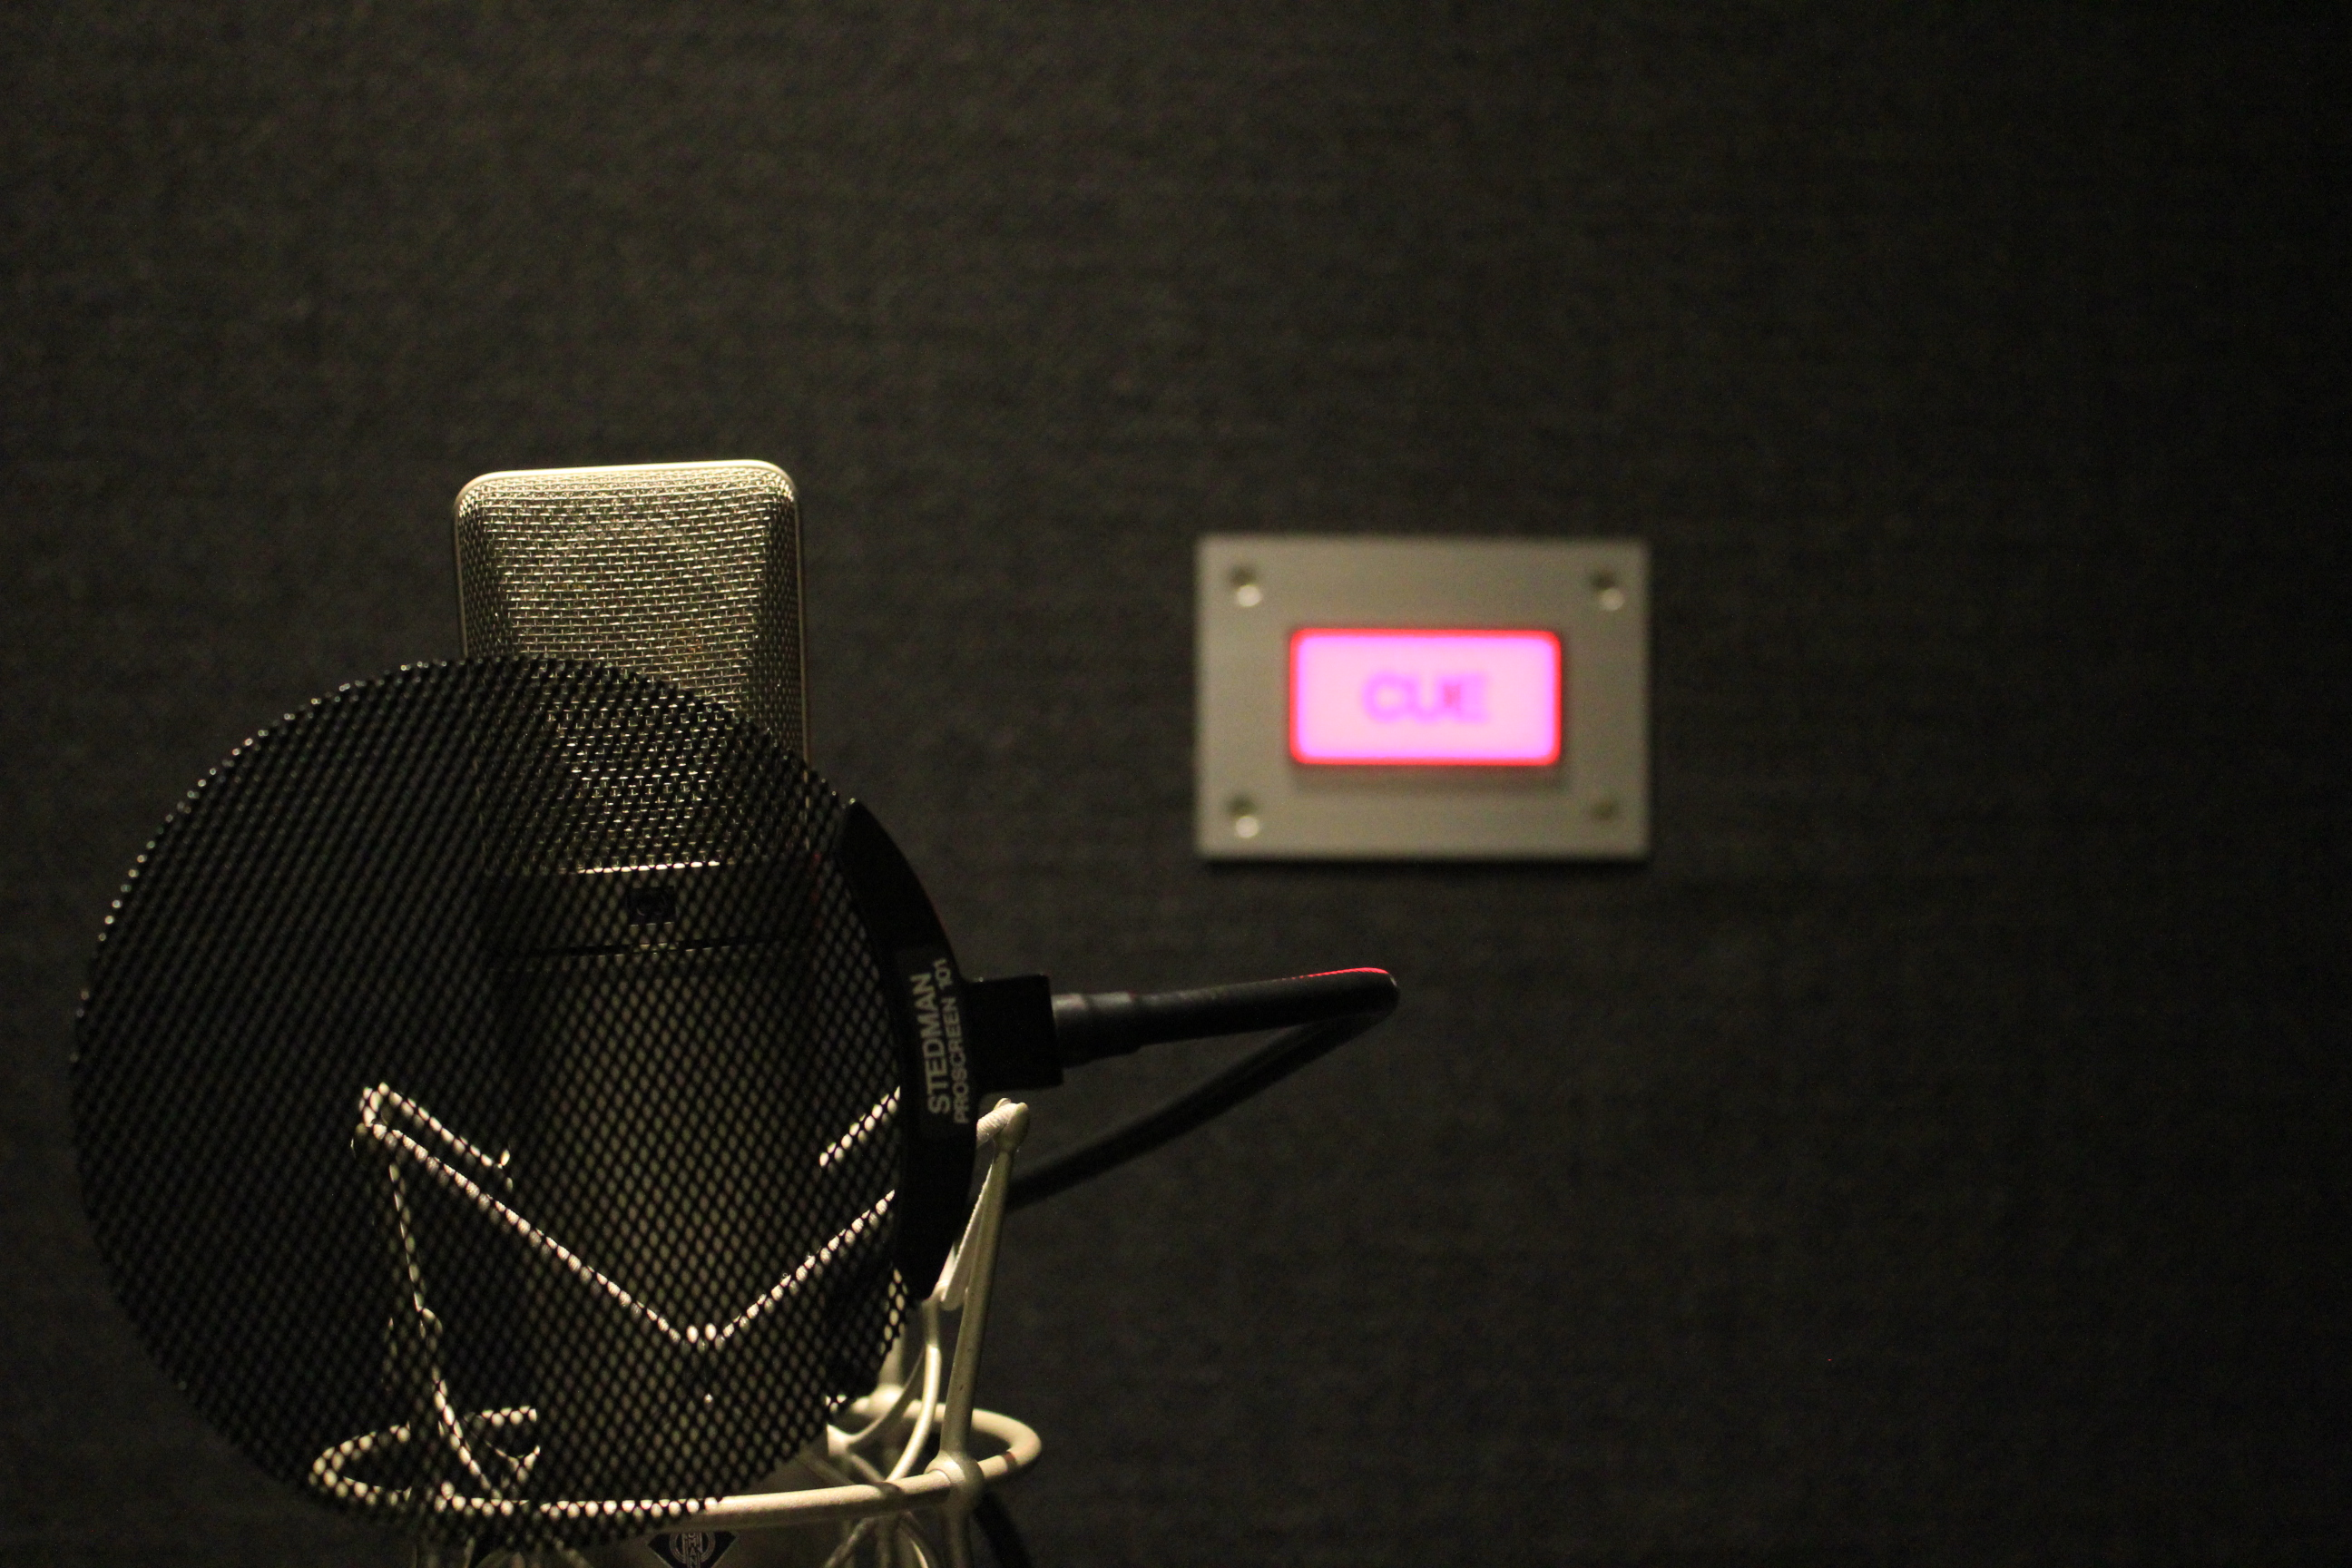 国立音楽院レコーディングスタジオ内のヴォーカルブースに立てられたノイマン87というマイク。奥にはCUEランプが光る。